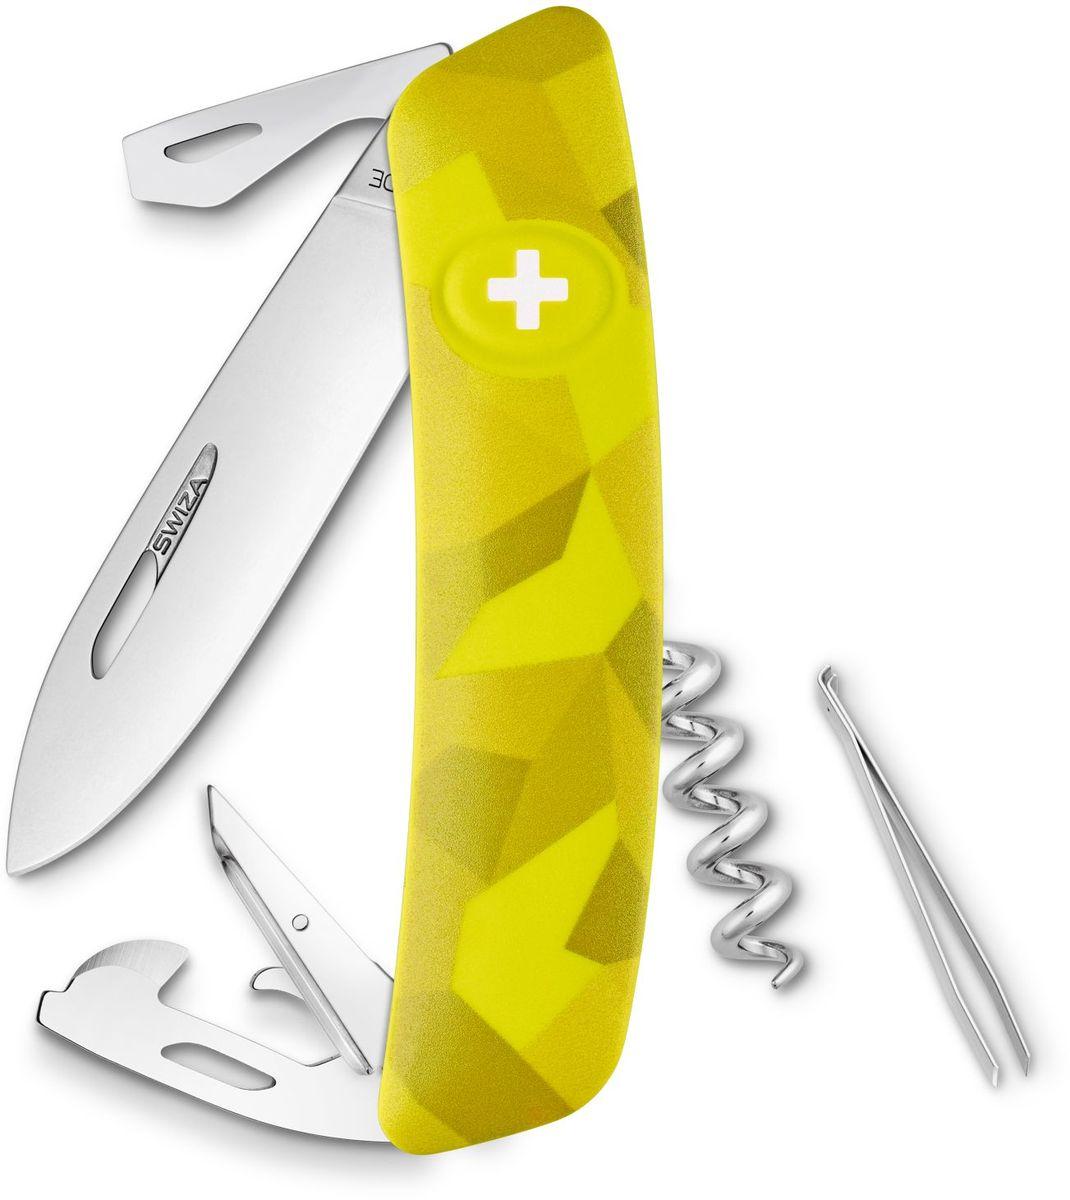 Нож швейцарский SWIZA С03, цвет: желтый, длина клинка 7,5 см1.3713.941Швейцарский нож (SWIZA С03) с его революционной формой и безопасной рукояткой, легко раскладываемой ручкой - самый удобный и простой в использовании швейцарский нож на все времена. Эргономично изогнутая форма ножа обеспечивает более легкий доступ к инструментам, а пазы позволяют легко их открывать, как левой, так и правой рукой.1. нож перочинный, 2.Штопор, 3. ример/дырокол 4. шило, 5. безопасная блокировка лезвий, 6. пинцет 7. консервный нож, 8 Wire Bender (для проволоки), 9 Отвертка №1, 10. Отвертка №3, 11. Открывалка для бутылок